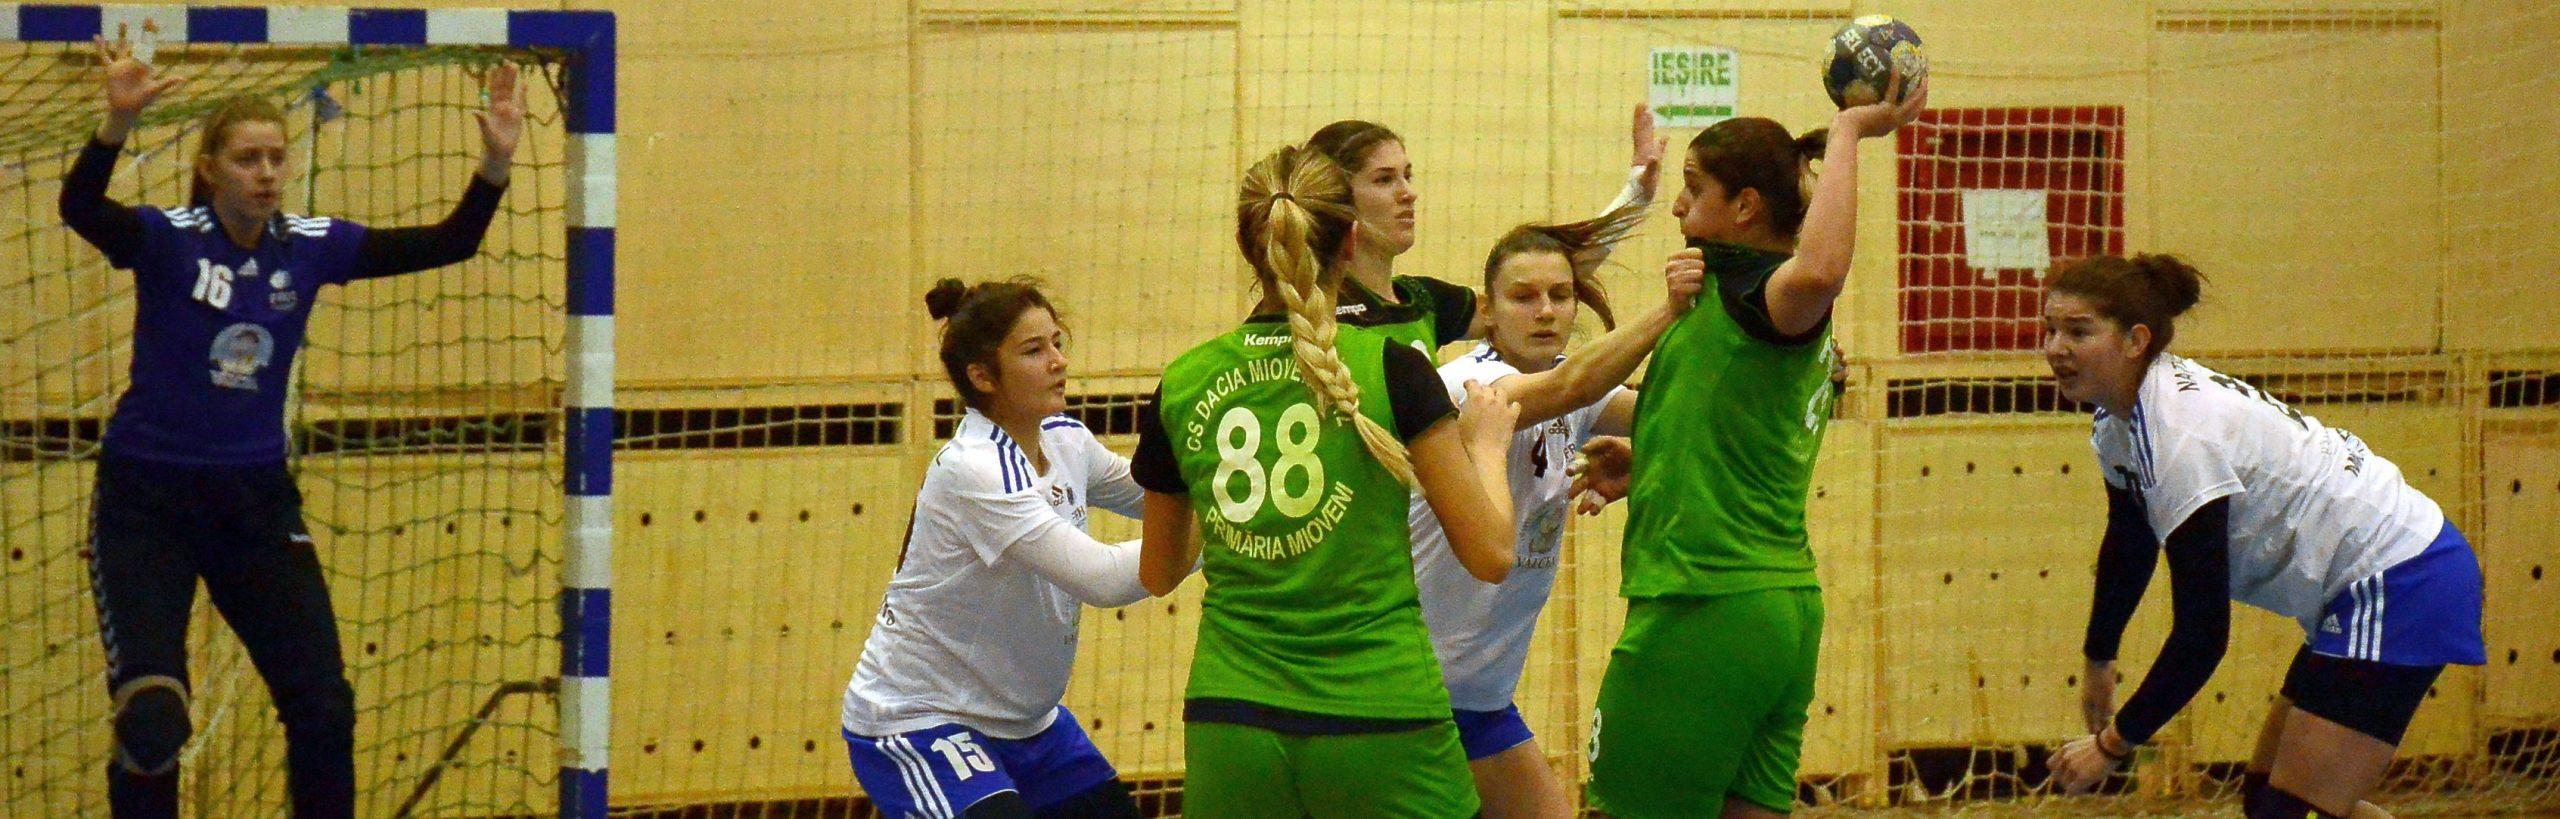 Competiţiile handbalistice interne se vor relua în luna iunie